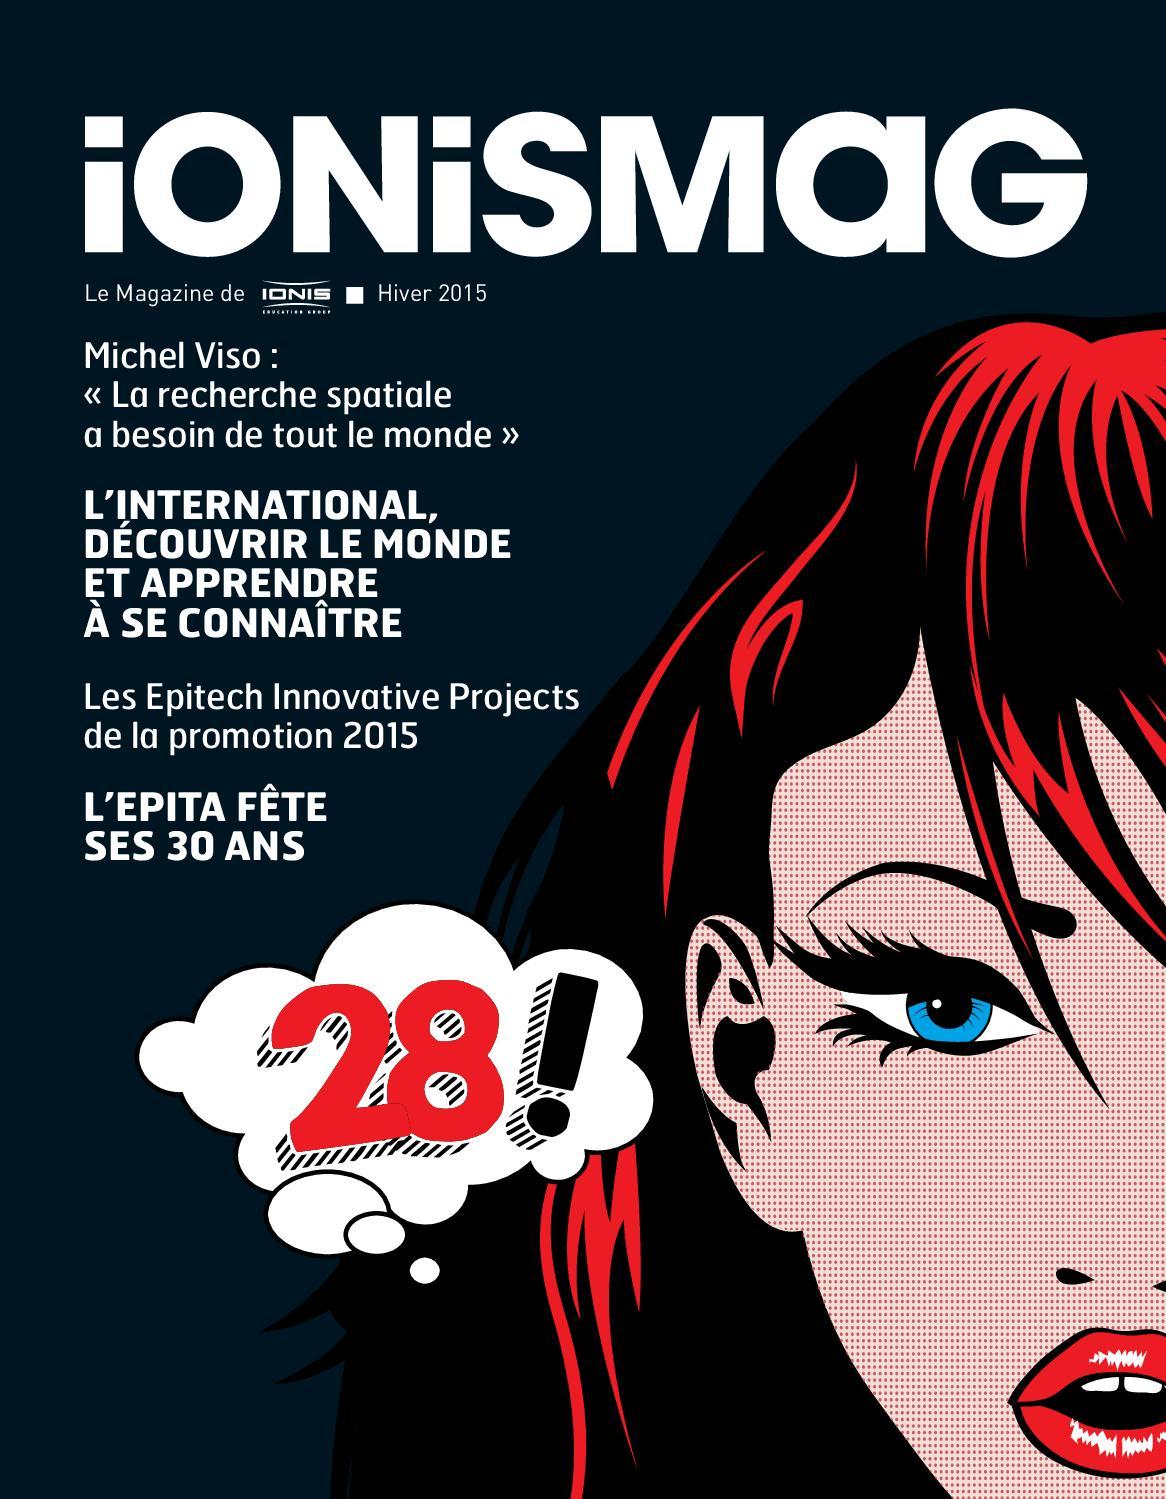 Magazine Apprendre La Photo ionis mag #28ionis education group - issuu